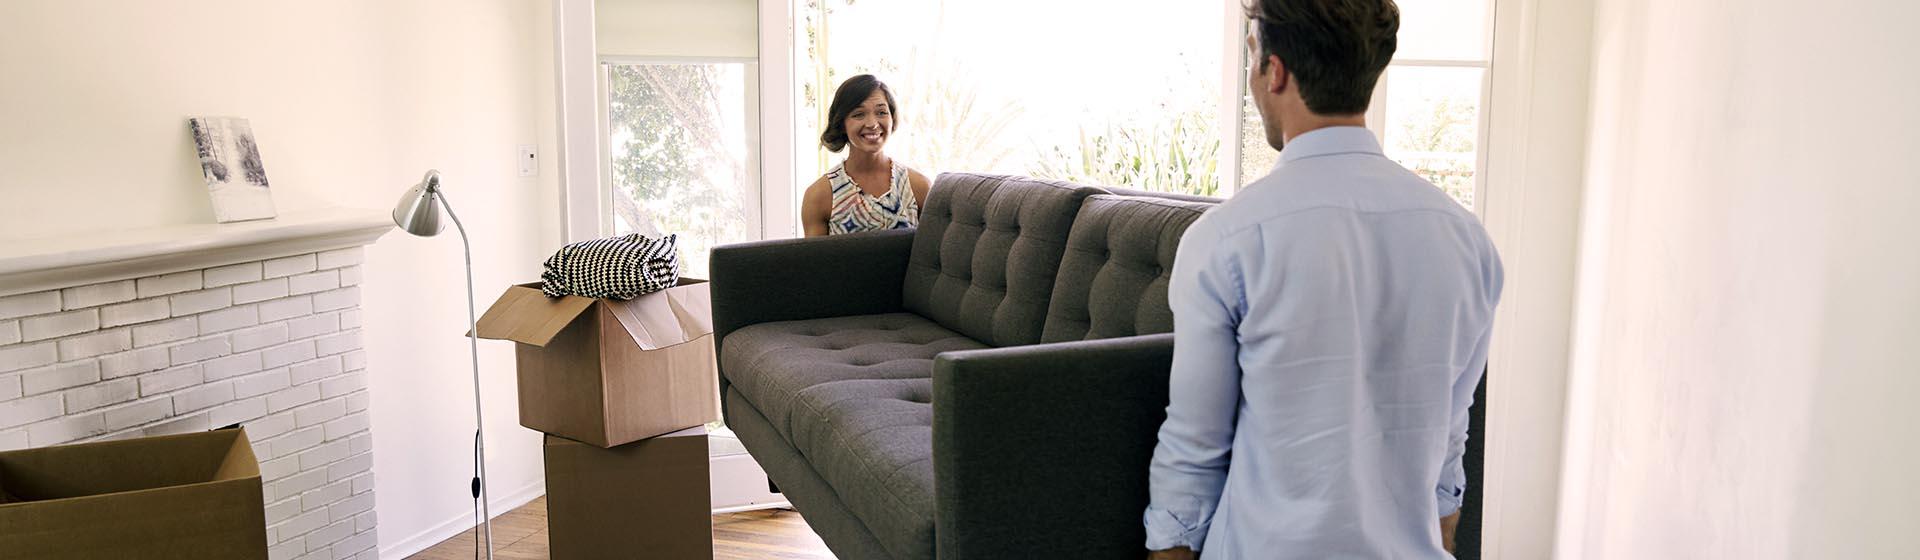 Slimme bespaartips voor wie een huis koopt in 2020